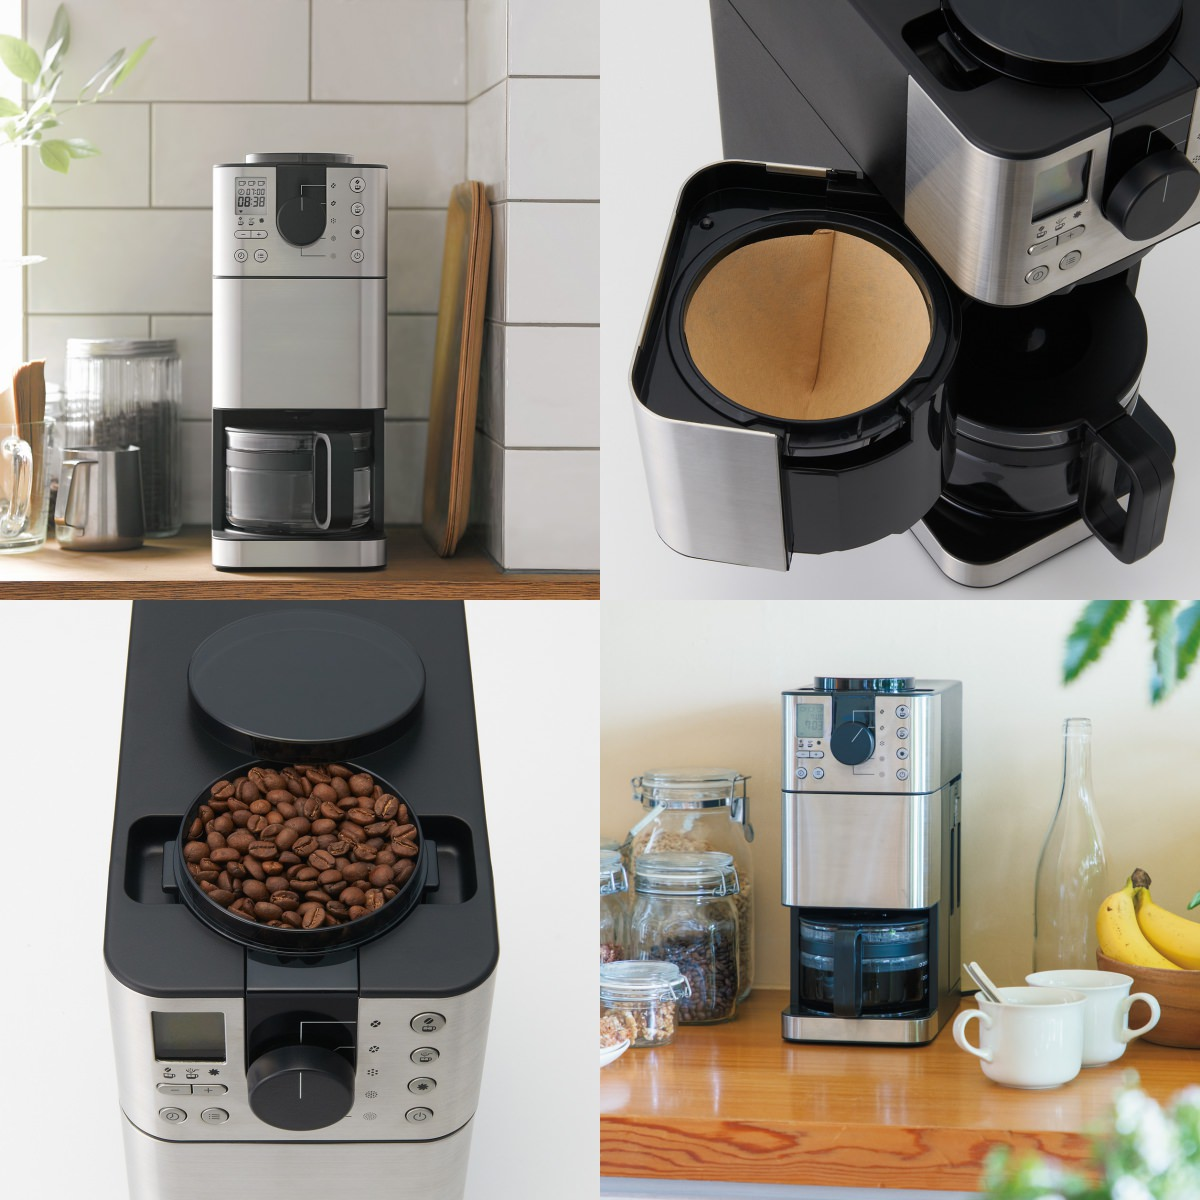 無印良品の豆から挽けるコーヒーメーカー